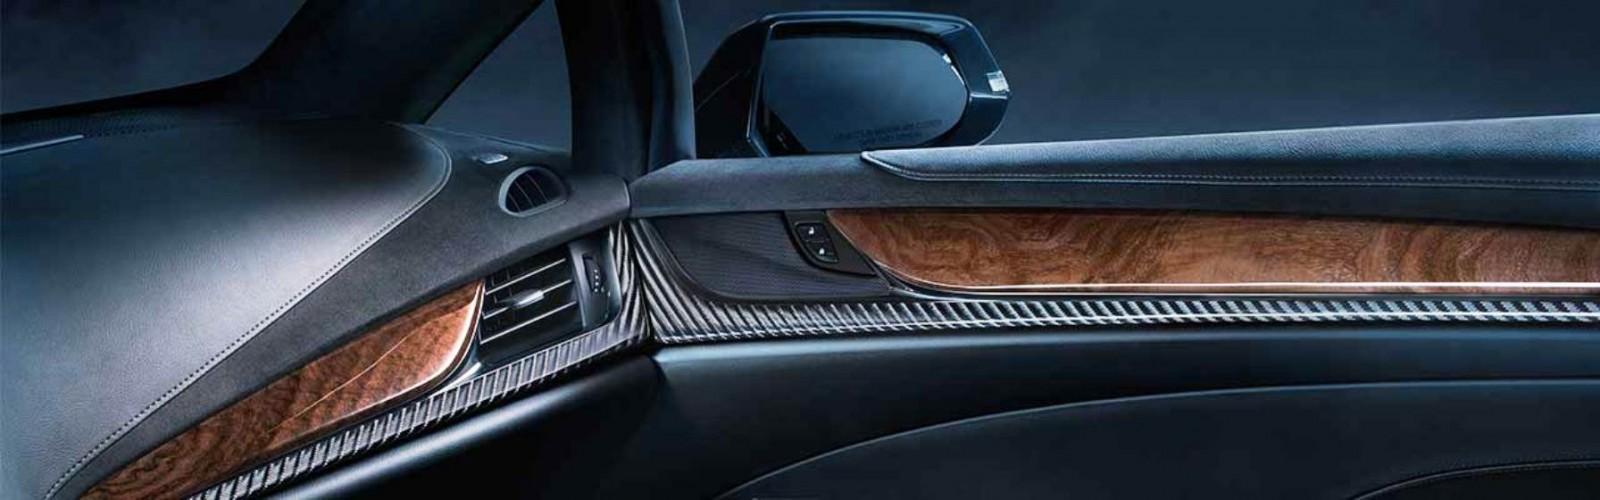 2014-Cadillac-ELR-9-1600x500.jpg